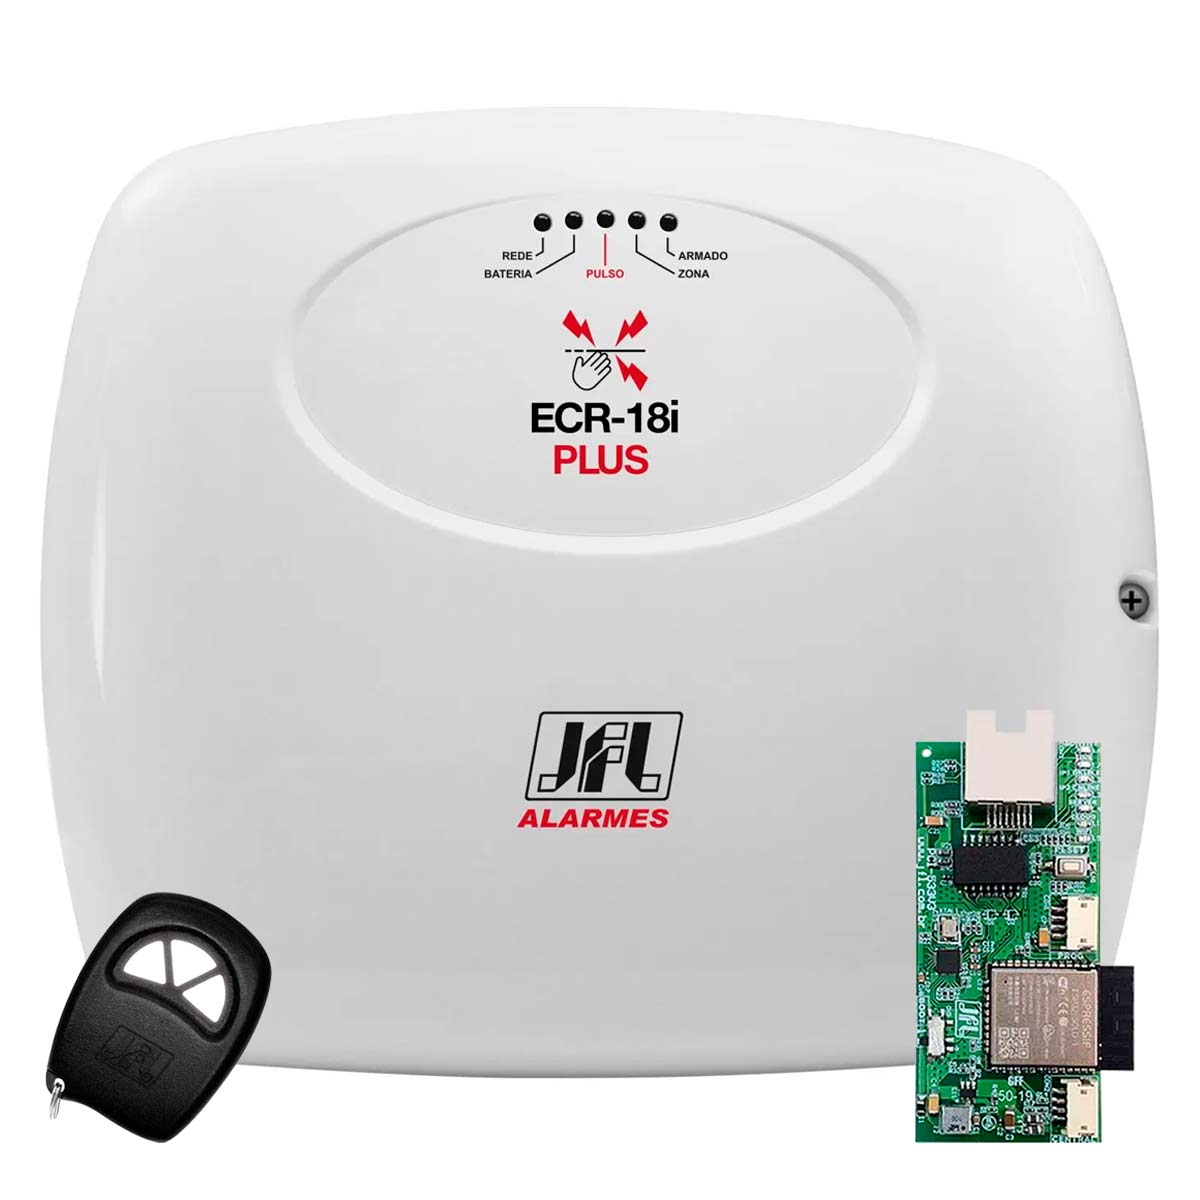 central-alarme-jfl-smartcloud-18-com-18-zonas-2-zonas-mistas-16-zonas-de-barramento-controle-pelo-celular-via-aplicativo